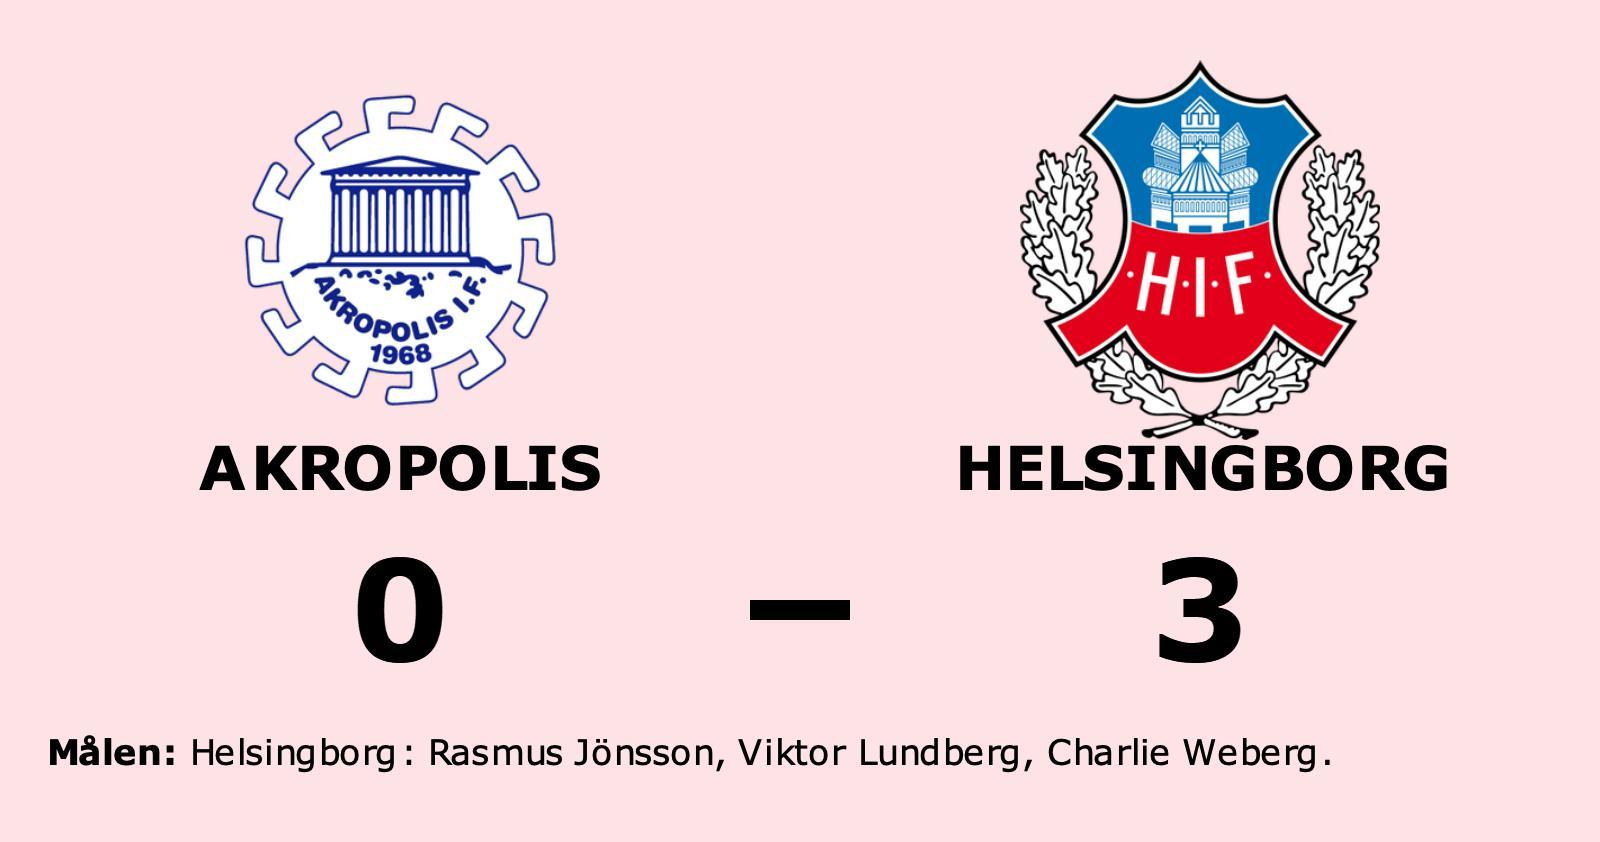 Helsingborg ny serieledare i Superettan efter seger